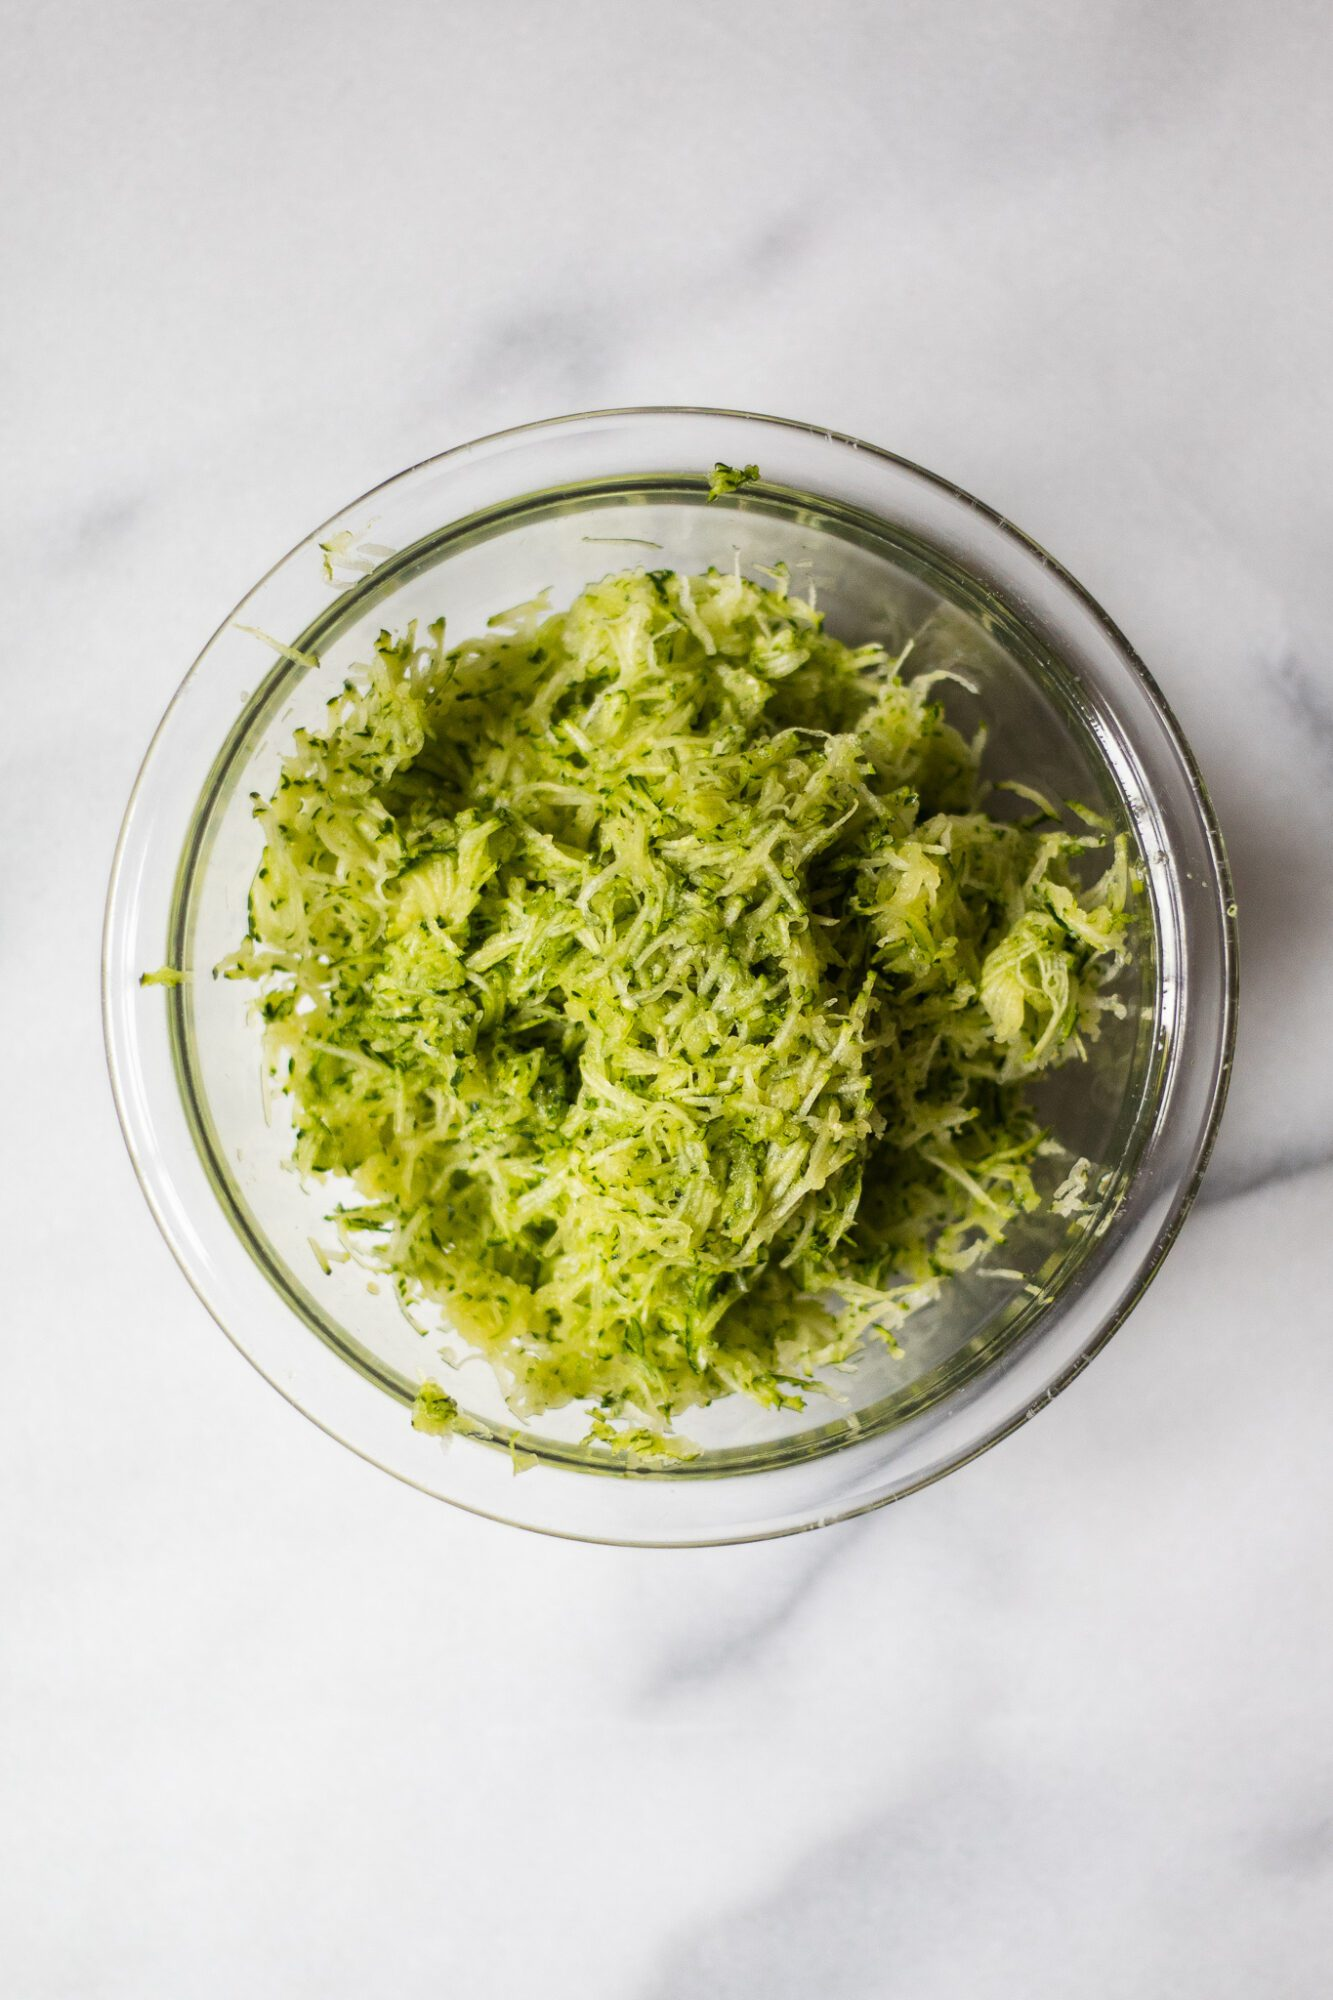 shredded zucchini in bowl